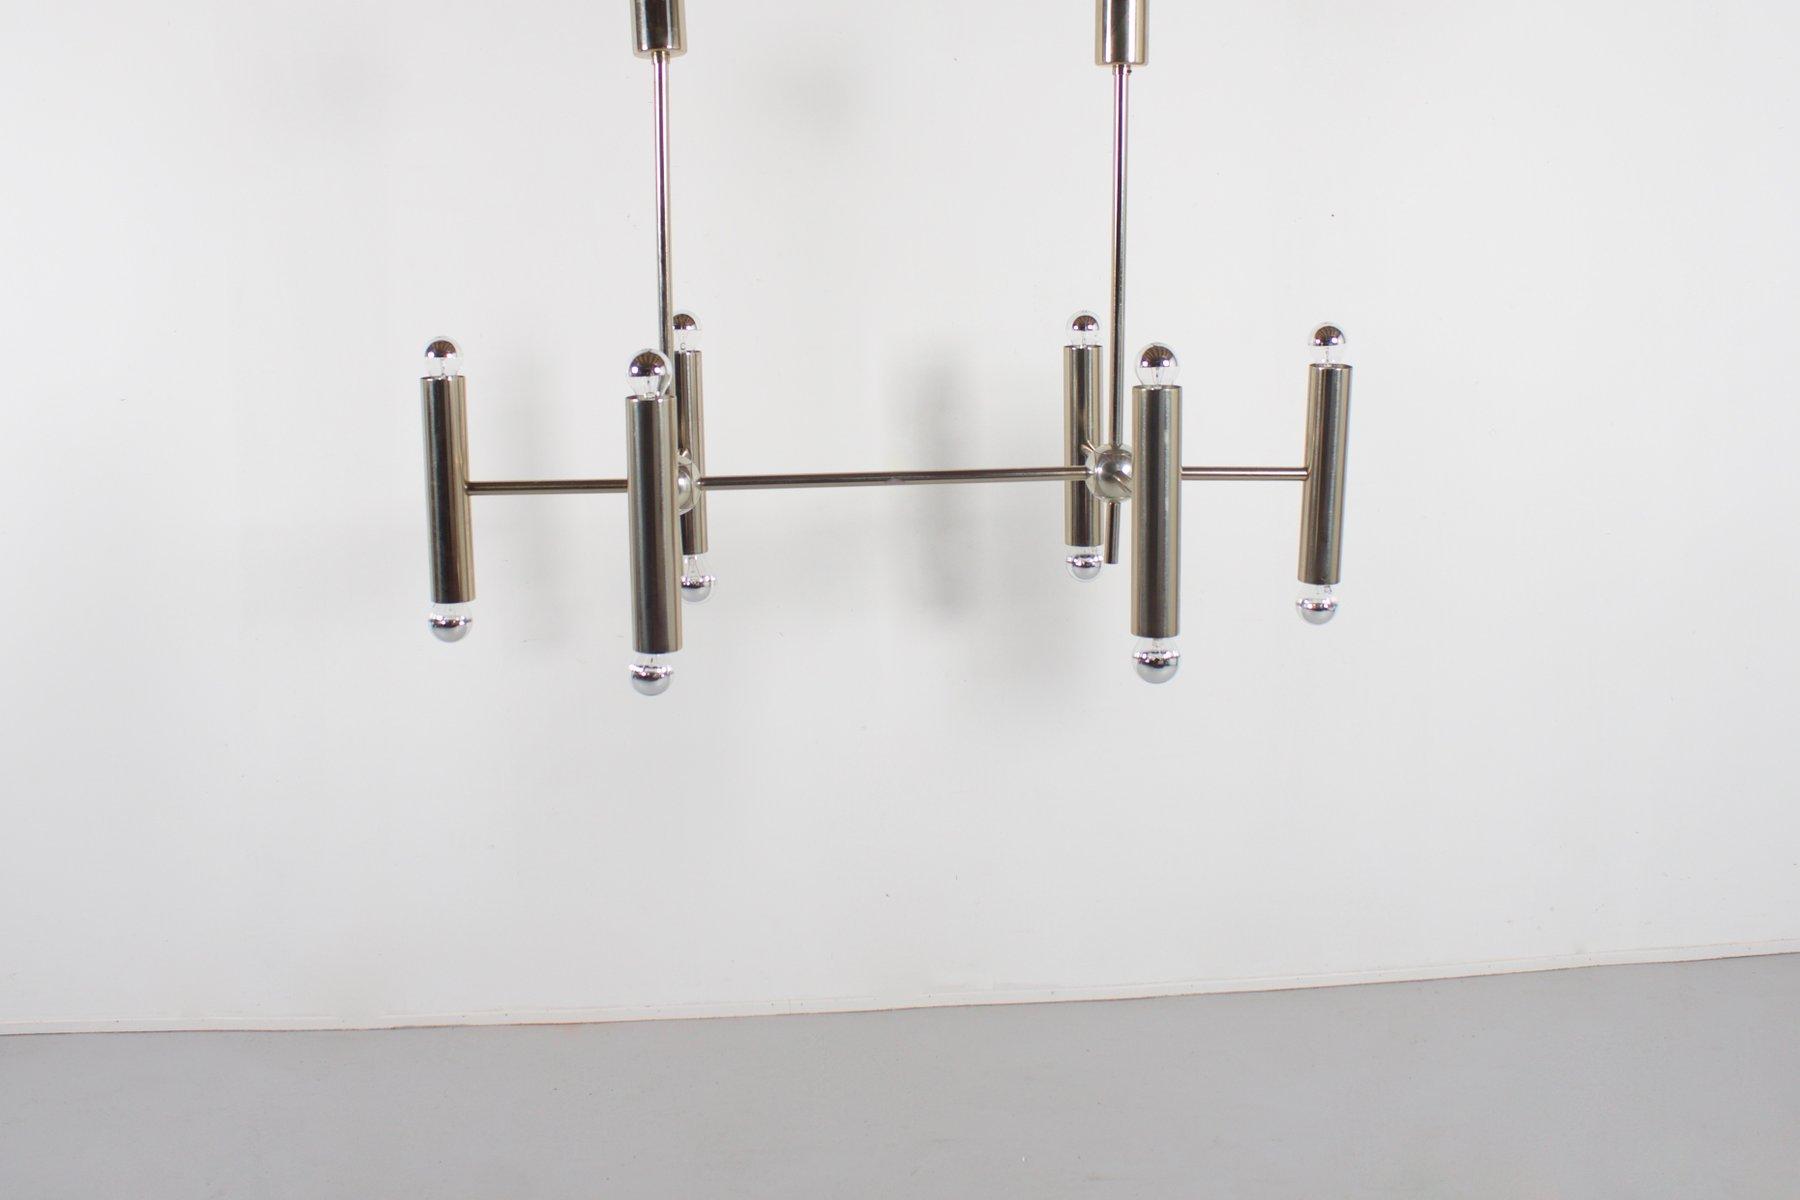 Geometrischer Metall Kronleuchter, 1970er